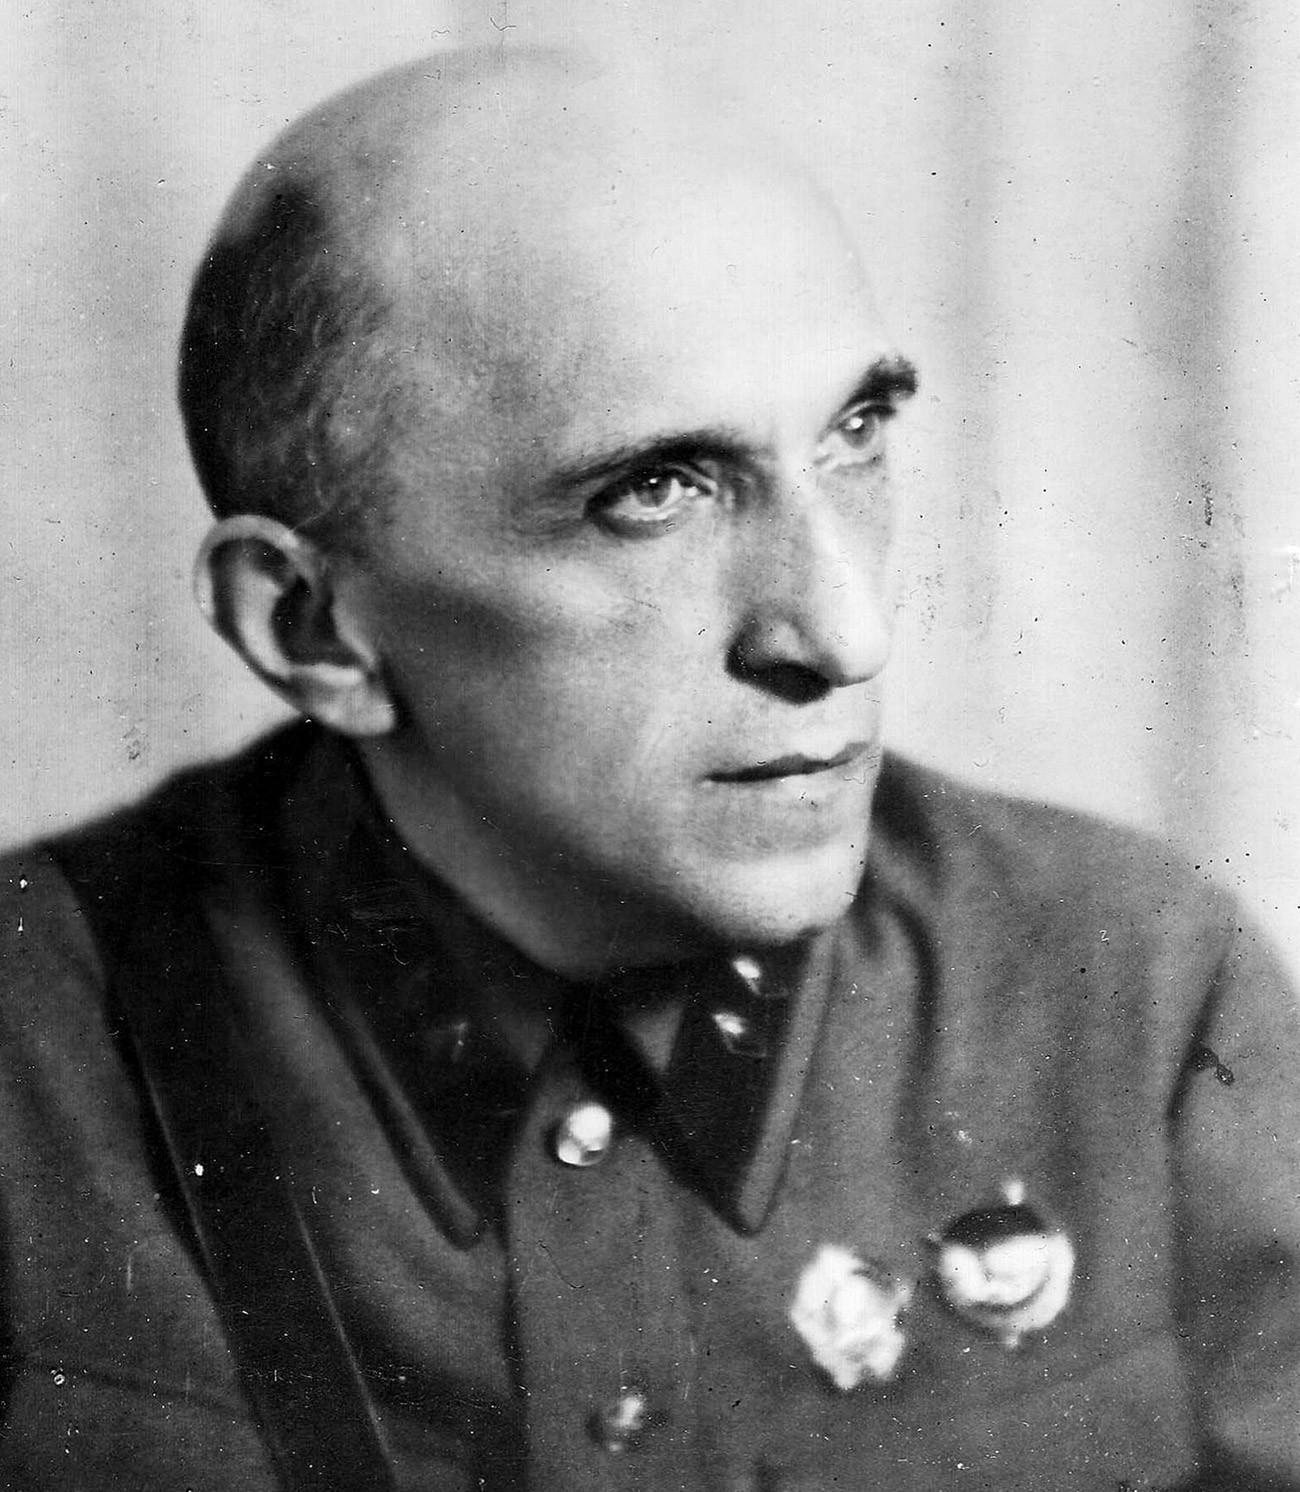 Yakov Serebryansky in 1941